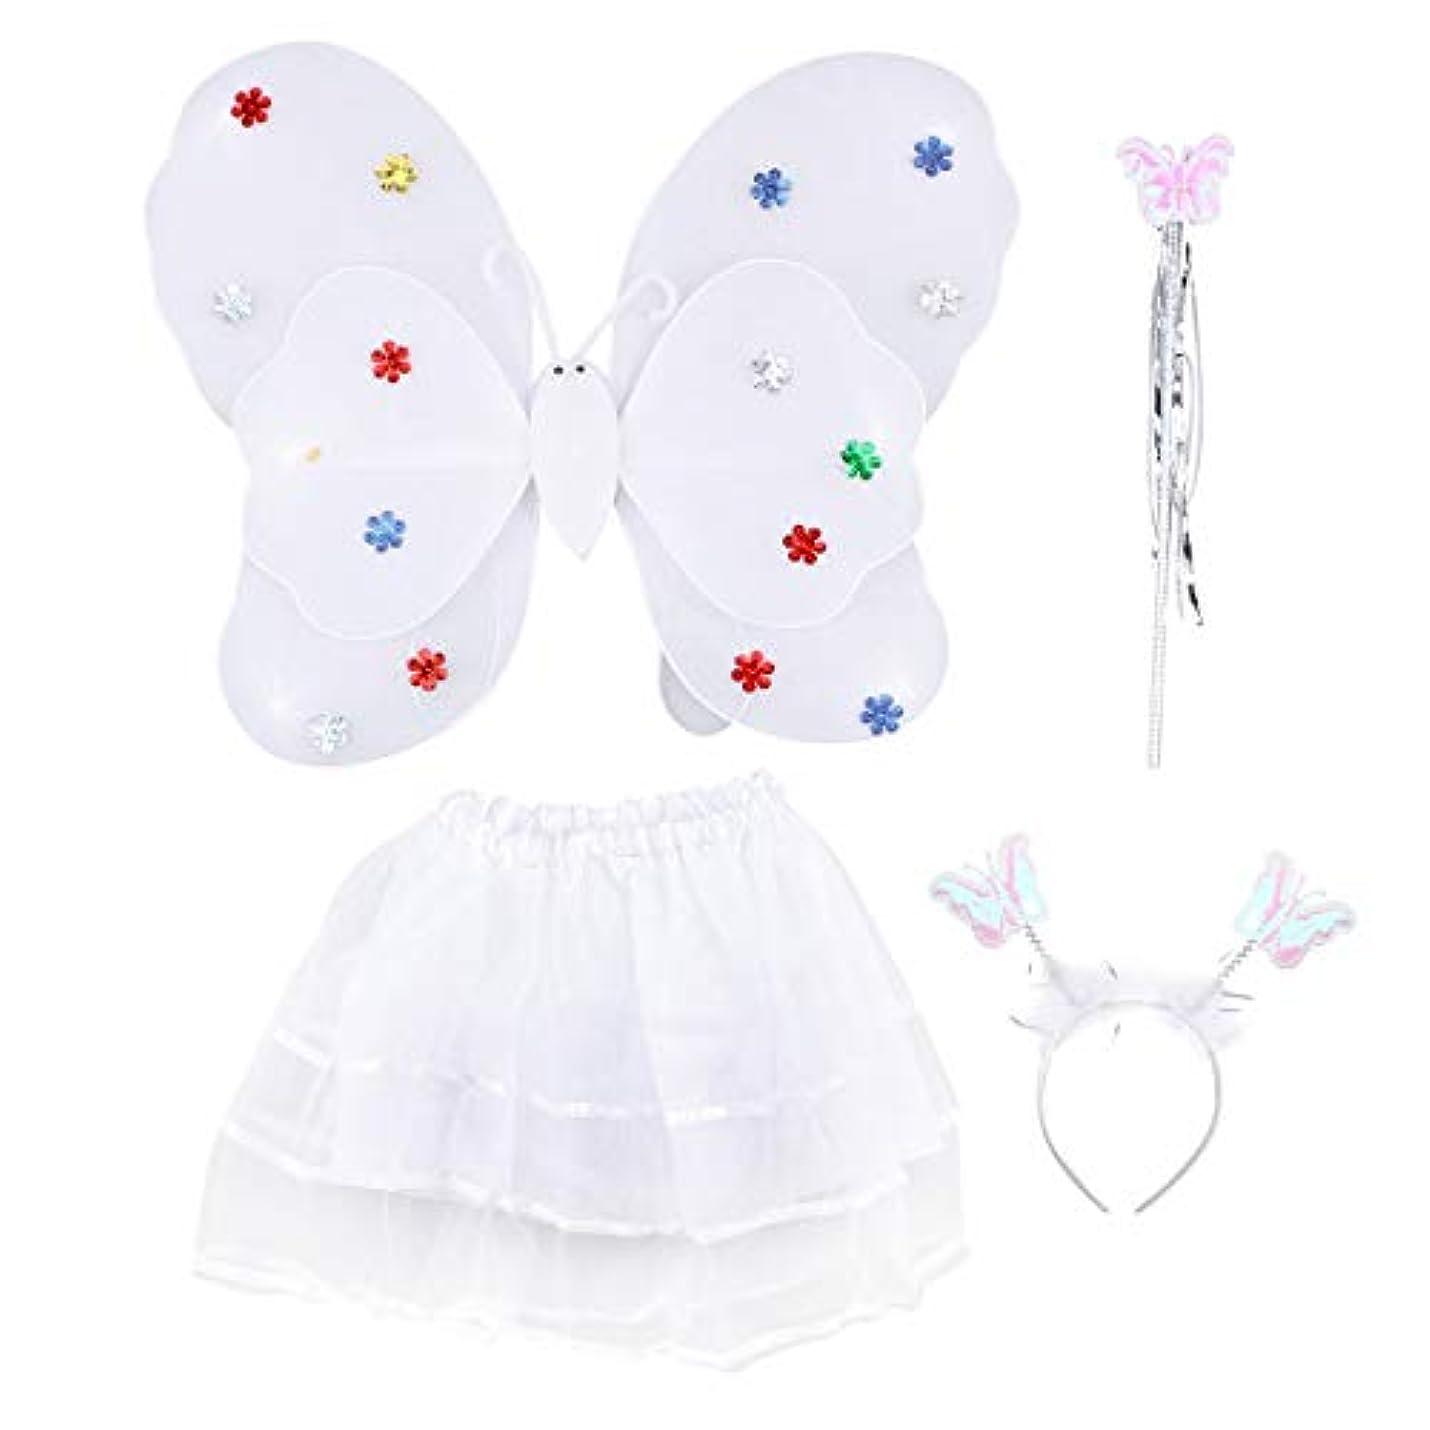 寝てるインフレーション石鹸Amosfun 4ピース女の子の妖精の王女の衣装セットLEDライトアップバタフライウィングワンドヘッドバンドチュチュスカート女の子のための子供子供(白)